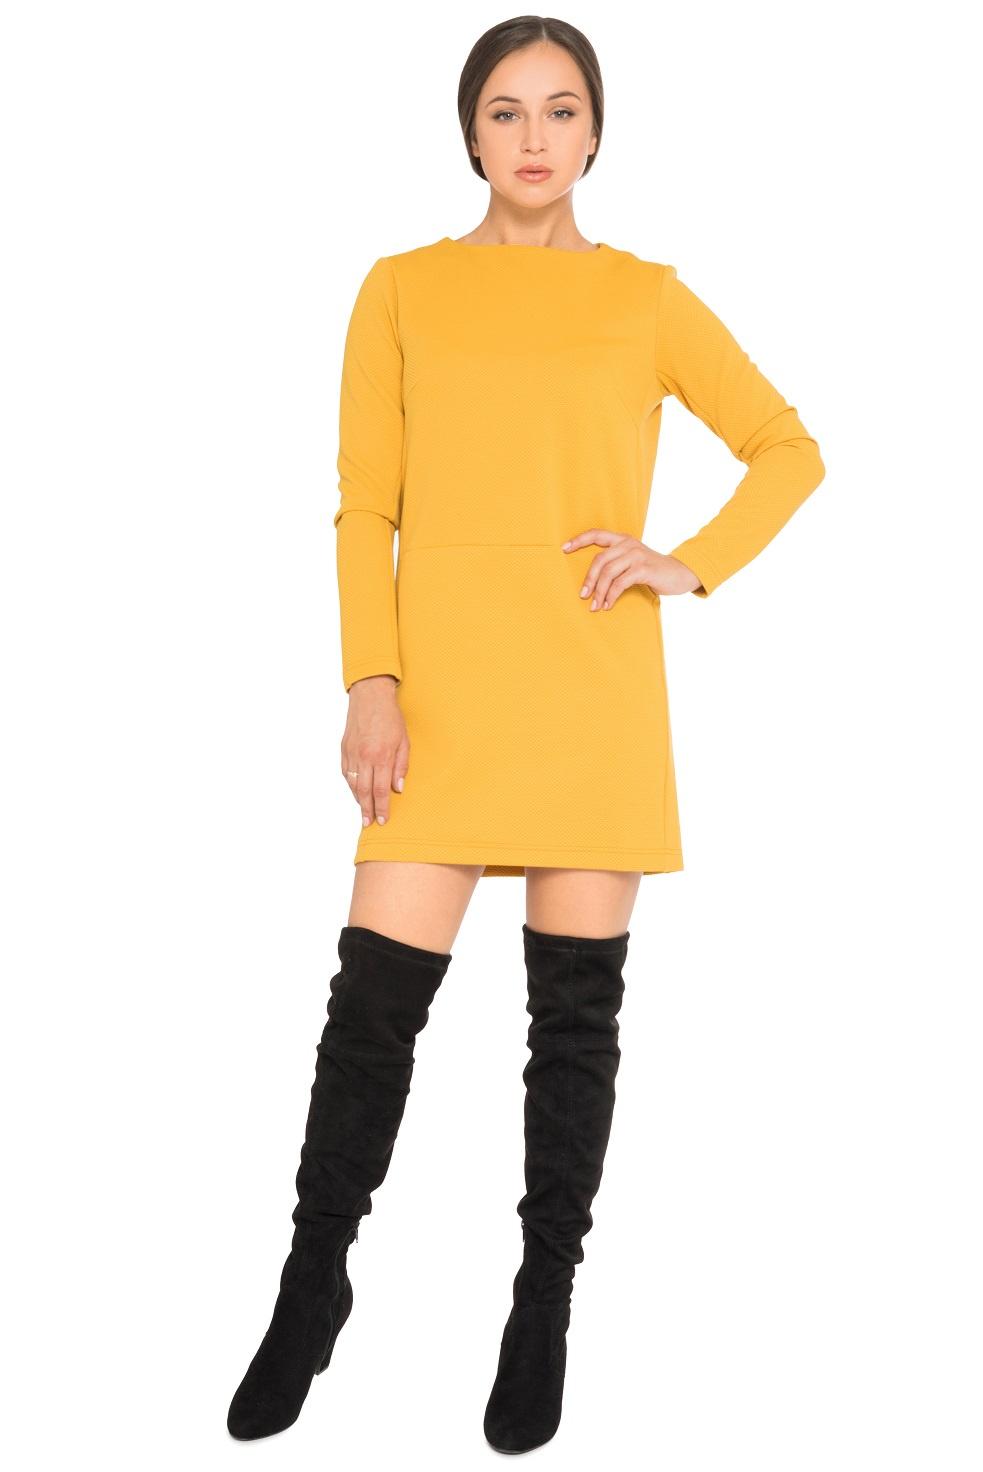 Платье ZAFTO 181060848, желтый 48 размер181060848Платье-мини из фактурной ткани. Без застежки.